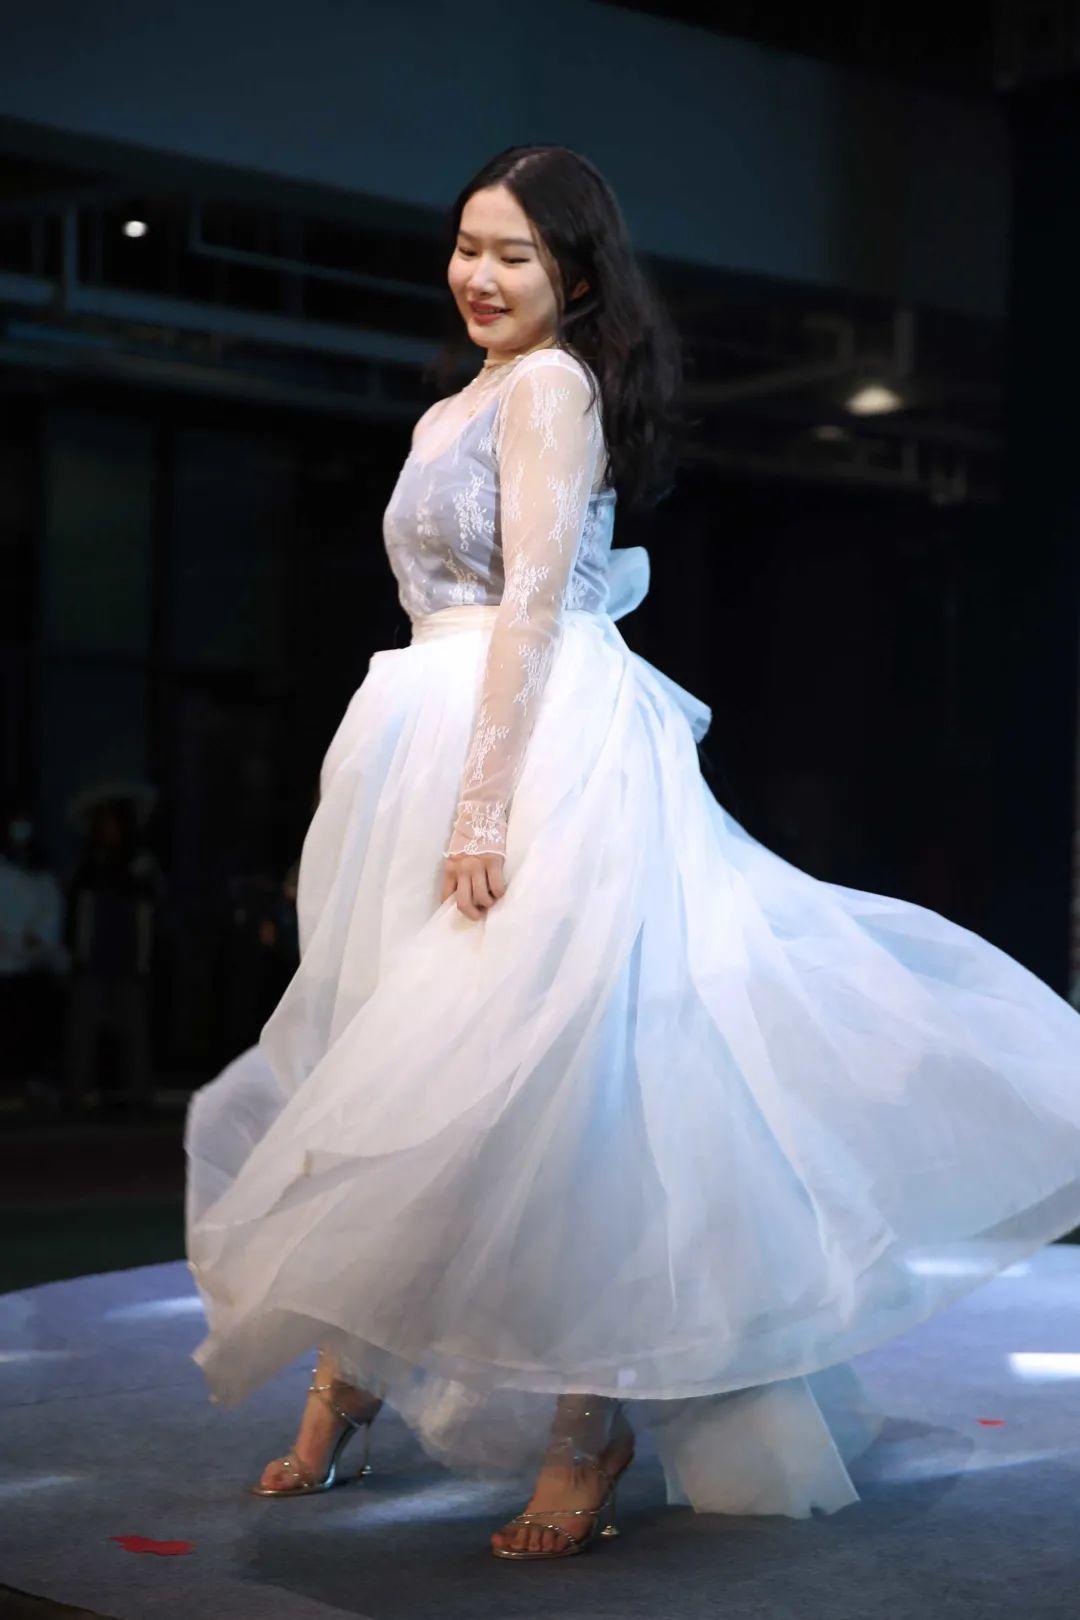 深国交2021 Fashion Show - 校园活动 疫情之下的时尚  深国交 深圳国际交流学院 第30张